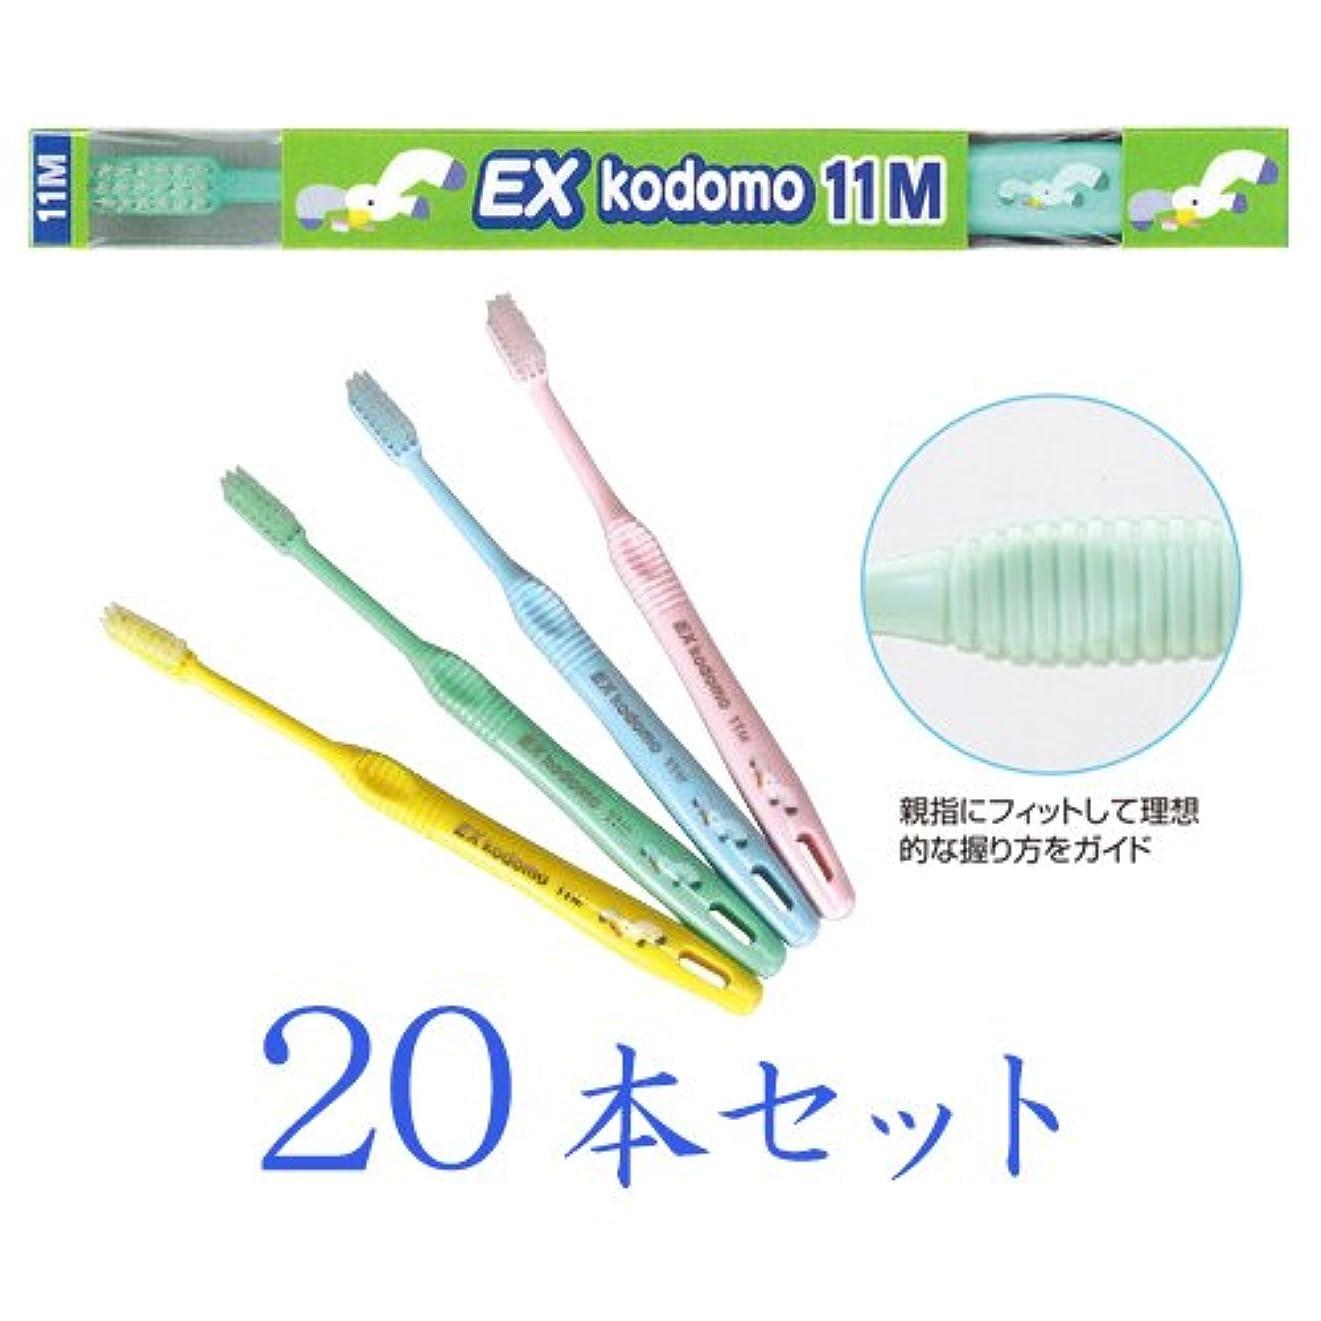 守る長方形削減ライオン DENT.EX コドモ歯ブラシ 20本入 11M(混合歯列後期用?8~12歳)(カモメ)